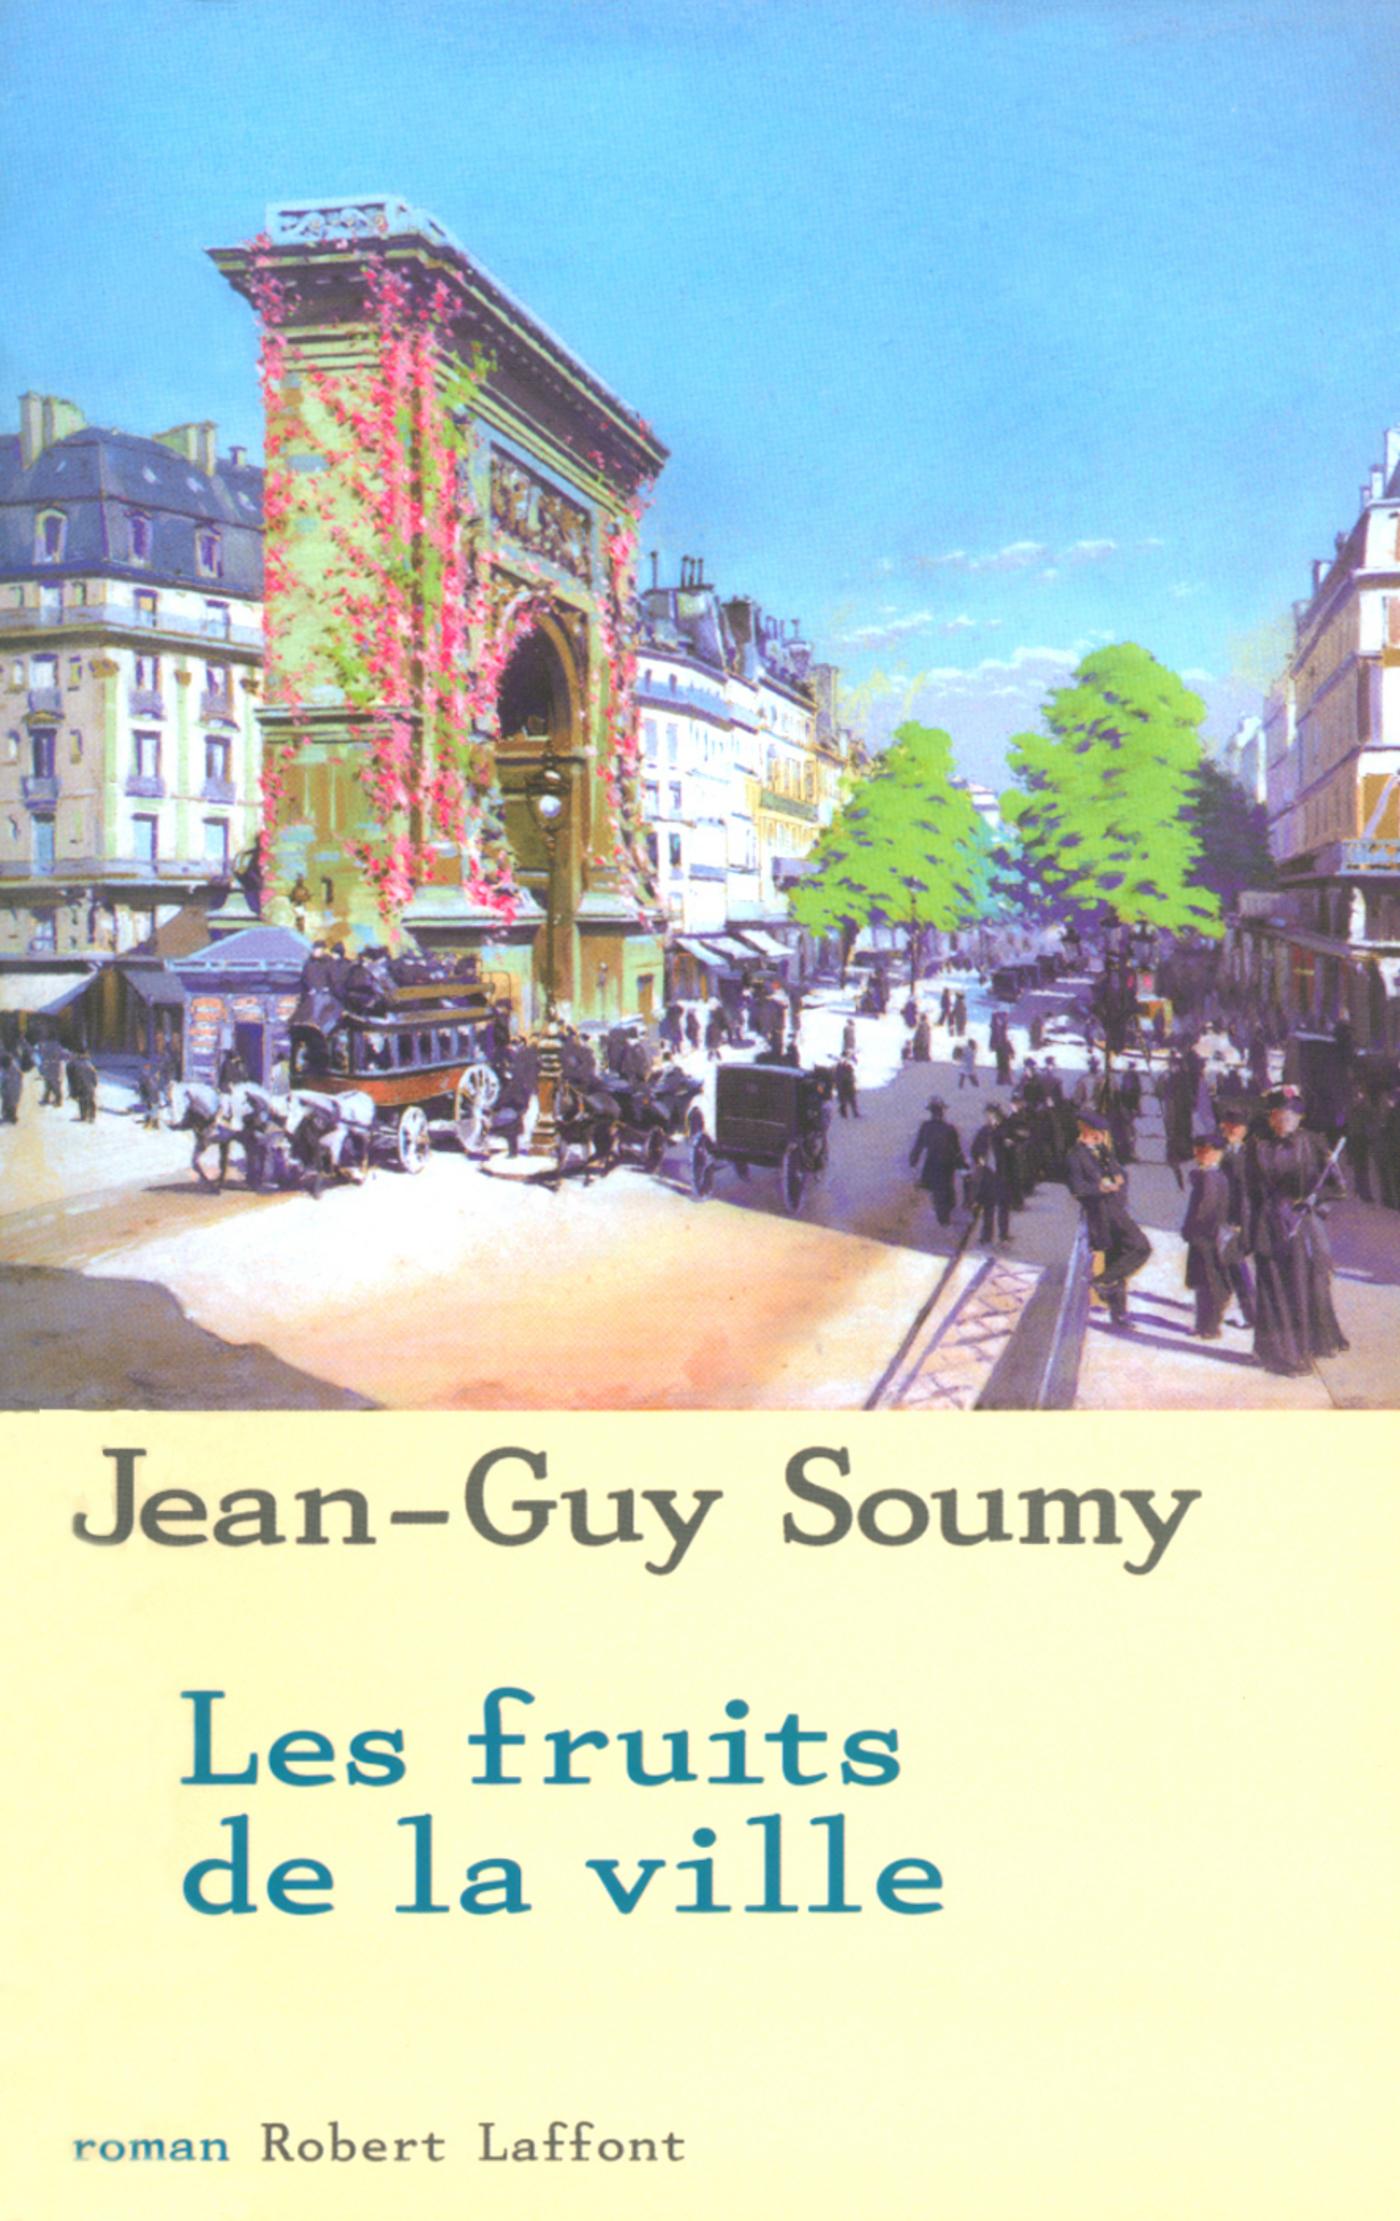 Les fruits de la ville | SOUMY, Jean-Guy